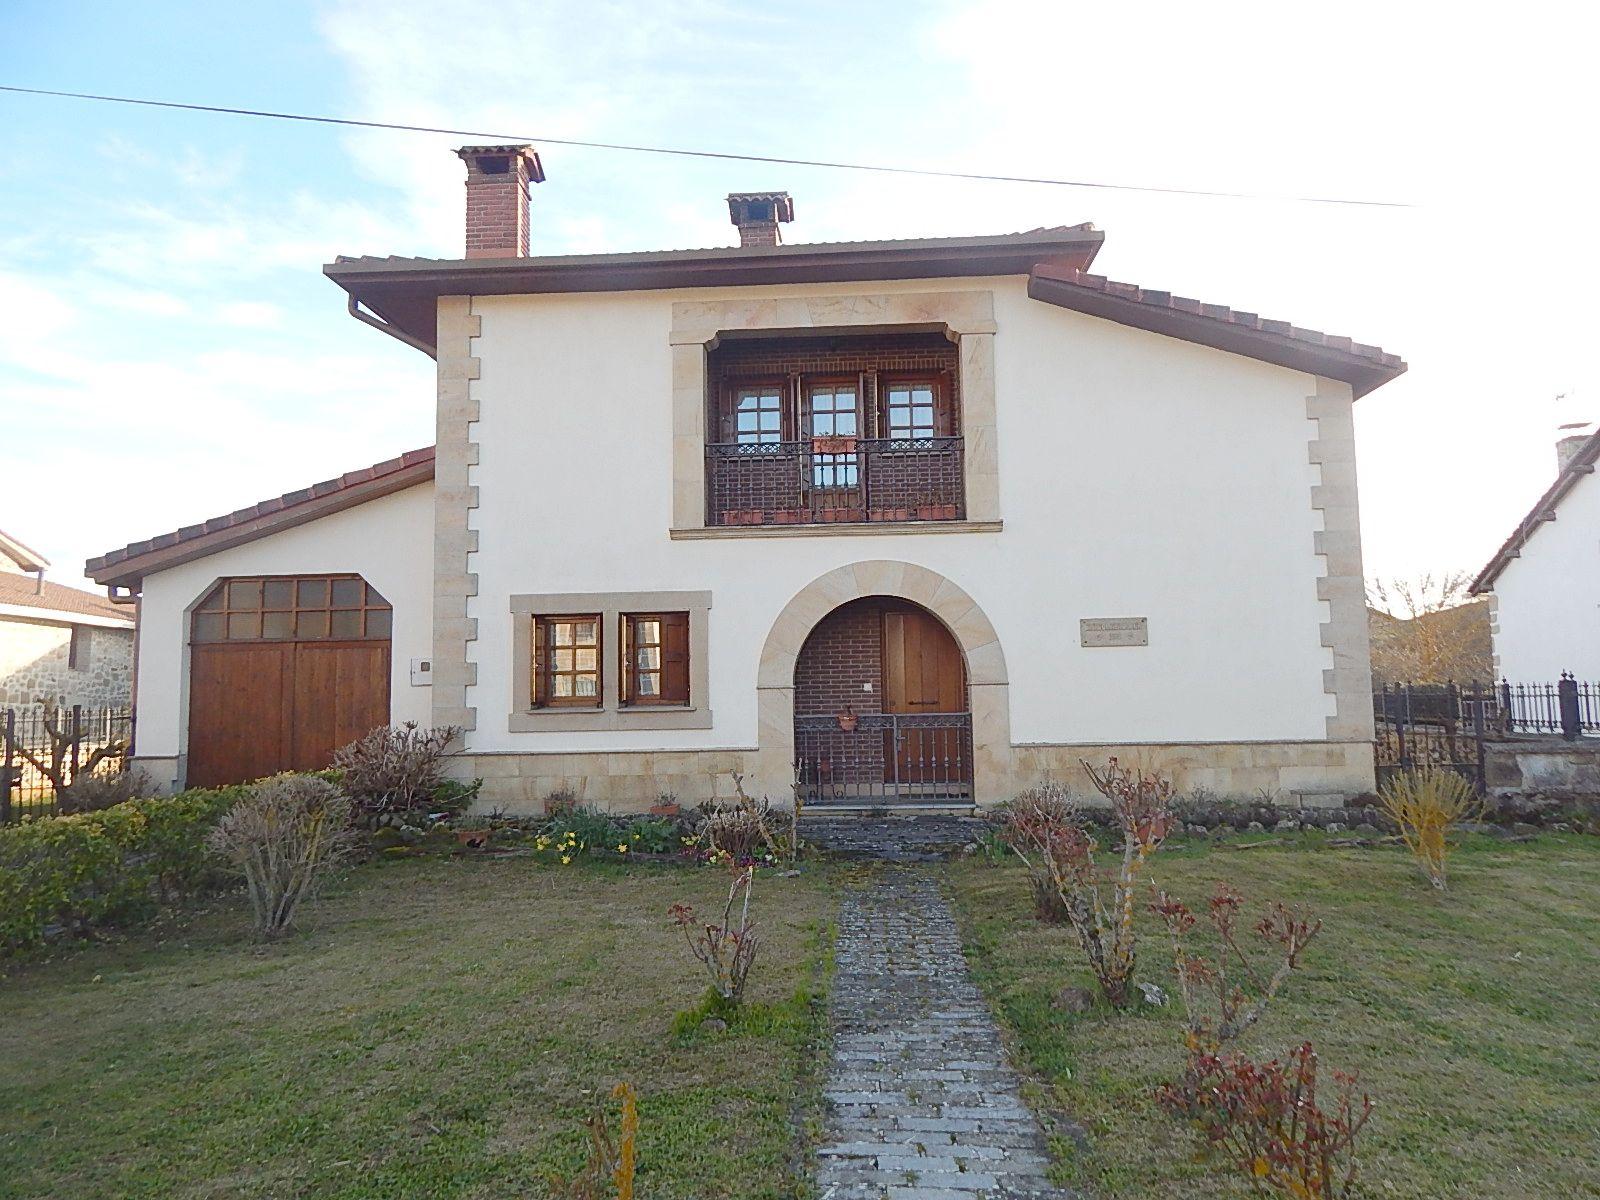 El hogar perfecto,casa individual en parcela de 650m2 con arboles frutales,.3 dormitorios, salon,cocina equipada y dos baños.